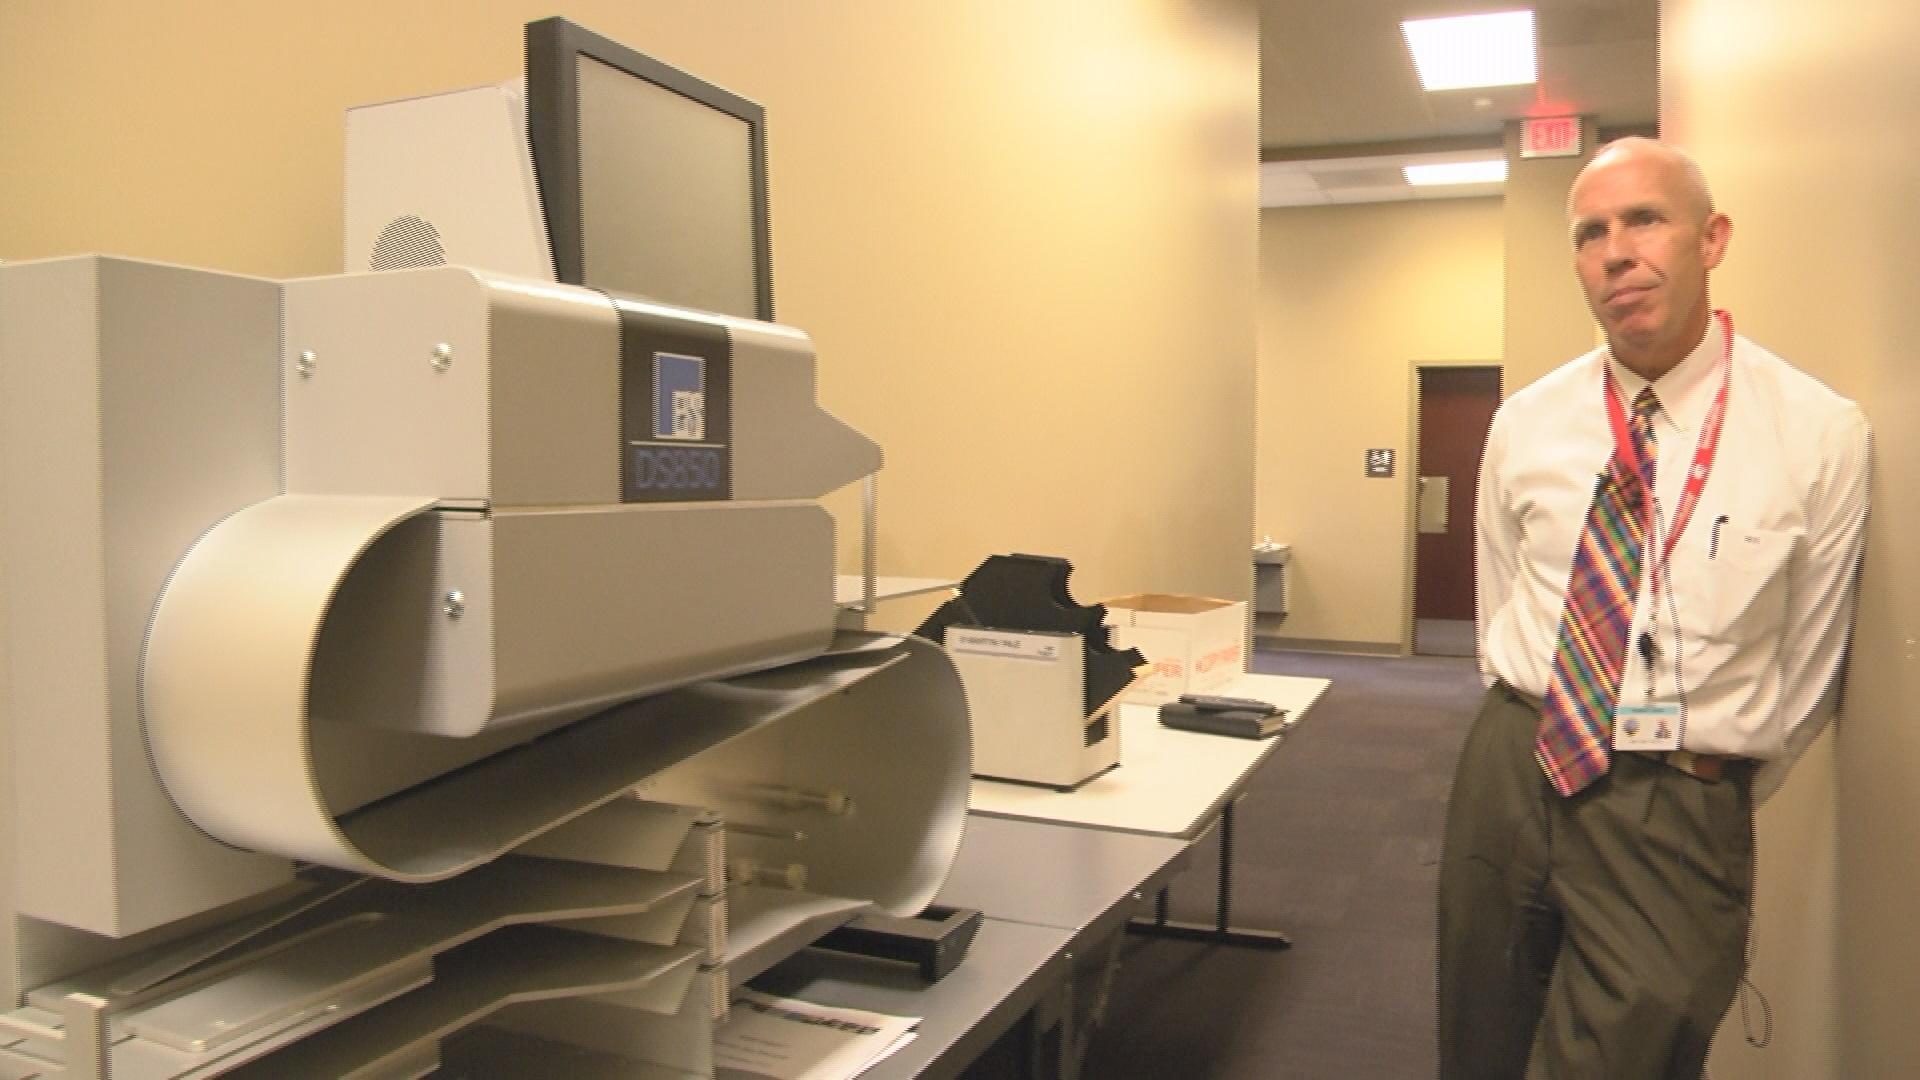 absentee-ballot-machine_268699